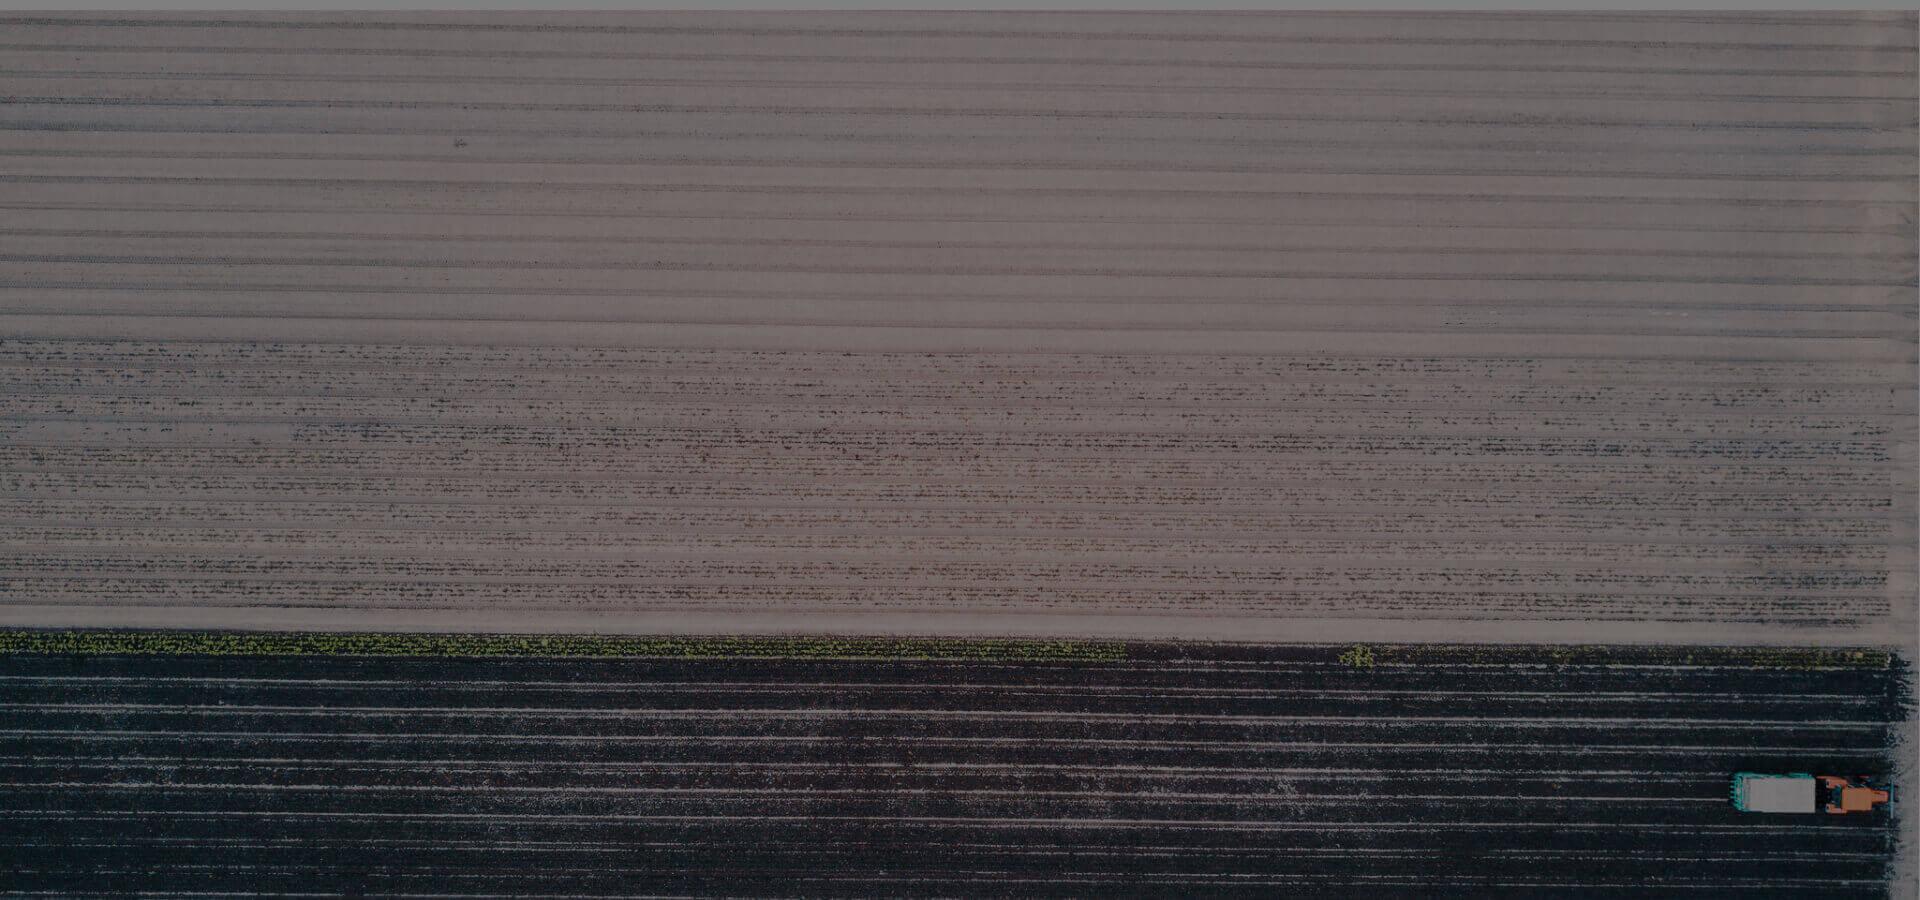 rolnictwo precyzyjne w Polsce zdjęcie dwóch pól z góry